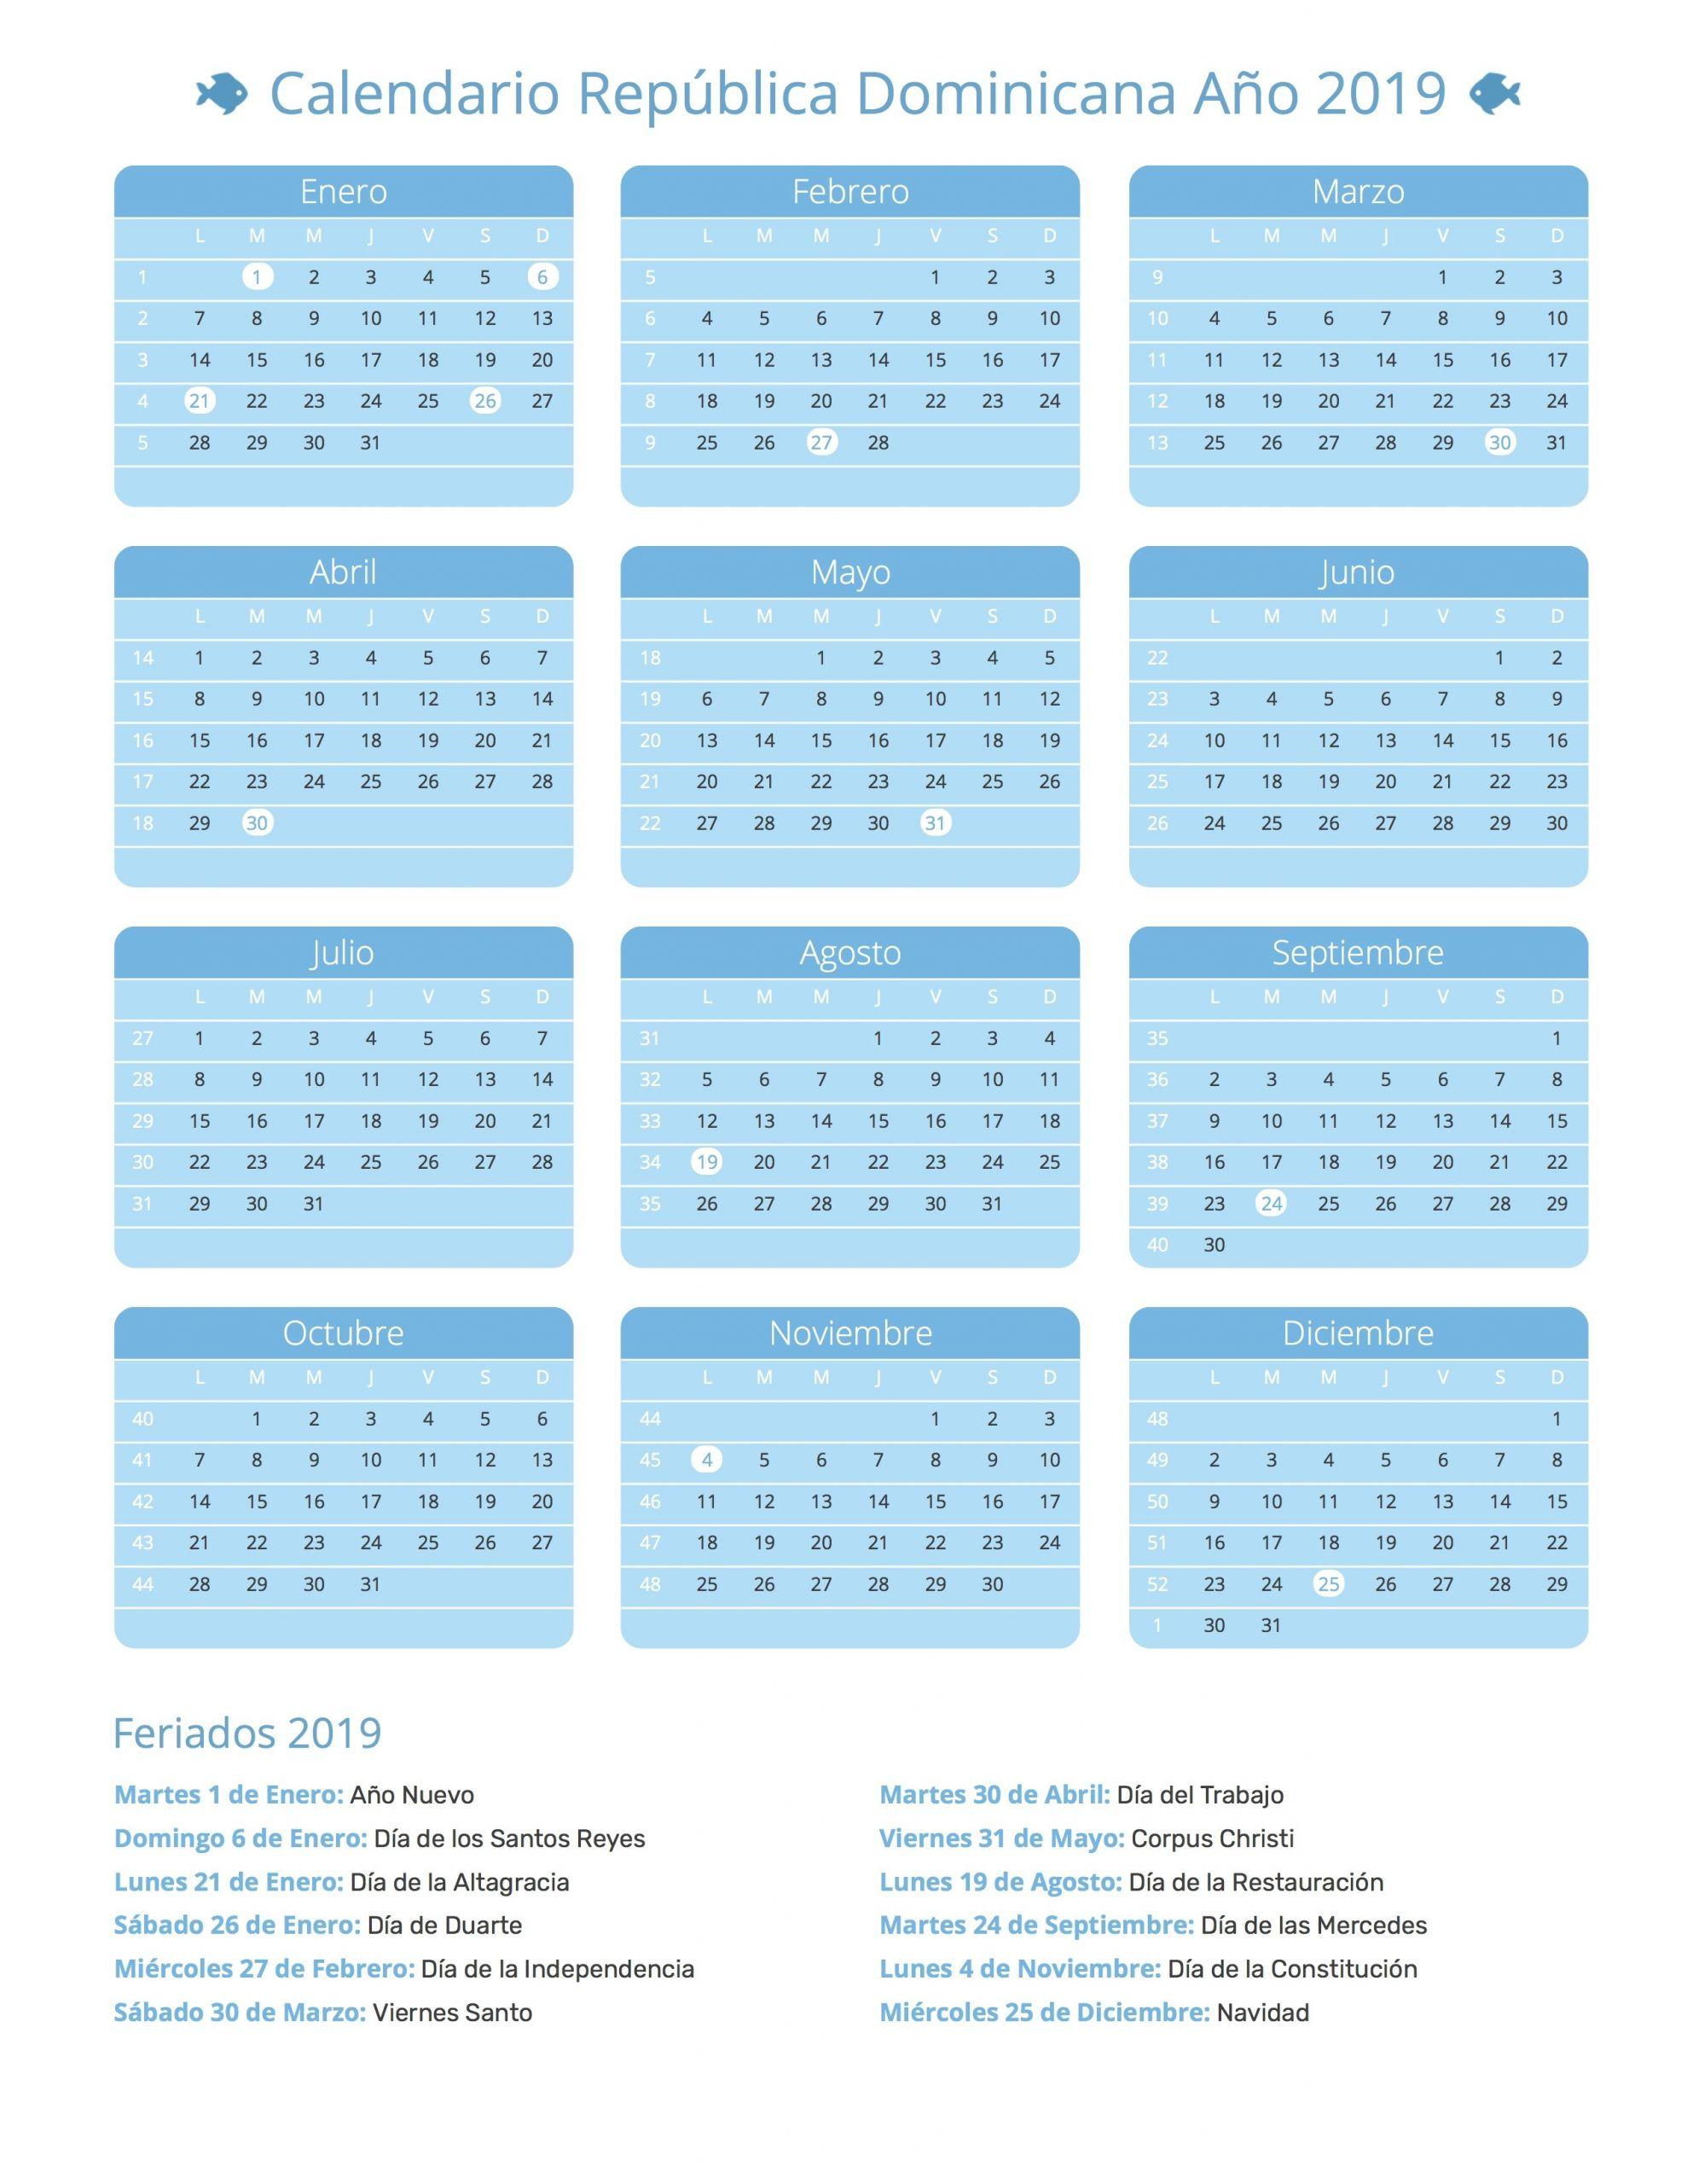 Calendario 2020 Bolivia Con Feriados Para Imprimir Más Reciente Investigar Calendario Anual 2019 Chile Para Imprimir Of Calendario 2020 Bolivia Con Feriados Para Imprimir Actual Almanaque 2015 Argentina Para Imprimir Con Feriados New